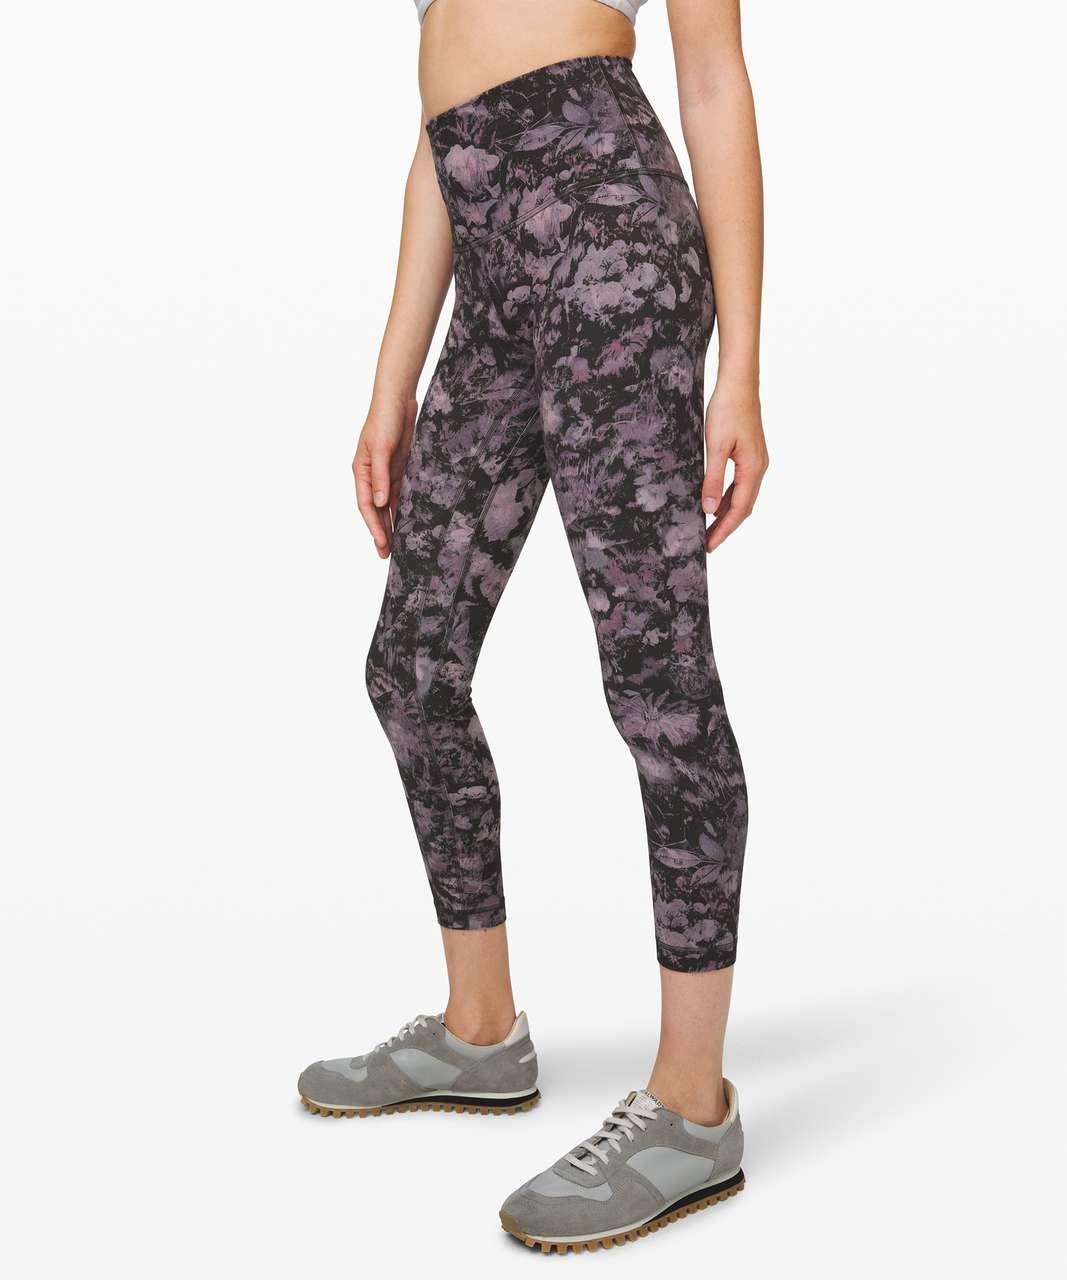 """Lululemon Align Pant II 25"""" - Floral Illusion Ice Grey Multi"""